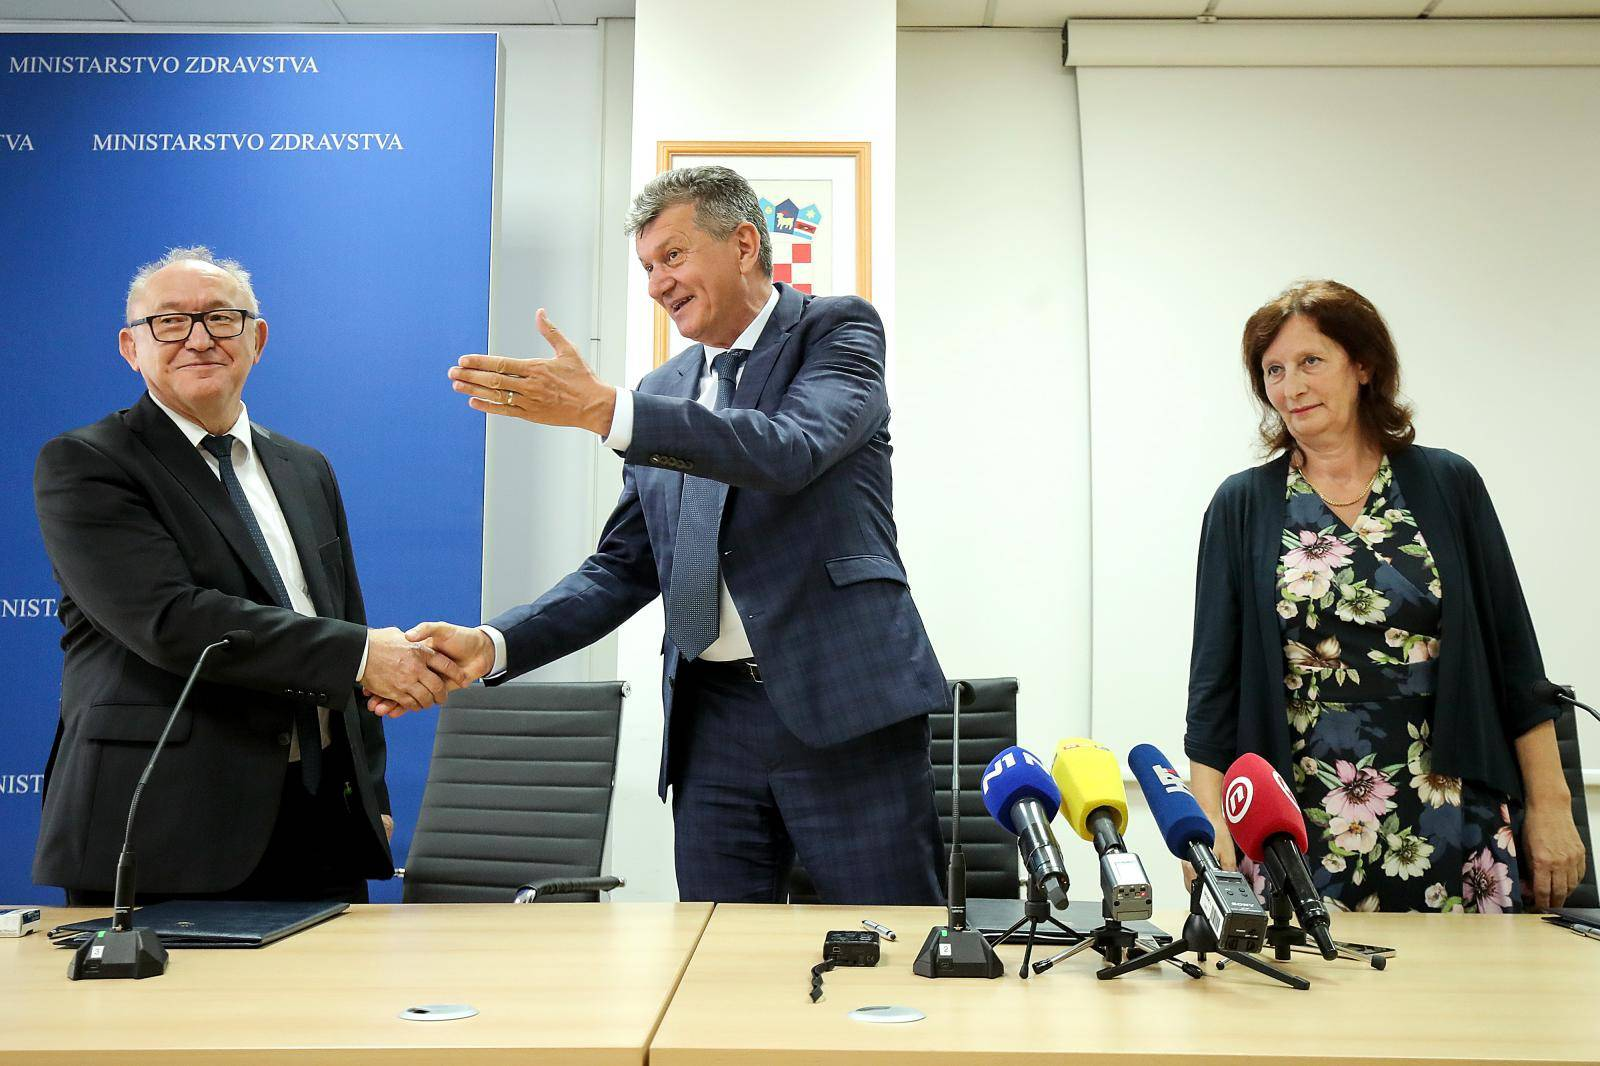 Zagreb: Kujundžić sa sindikatima zdravstva potpisao Dodatak 2. kolektivnom ugovoru